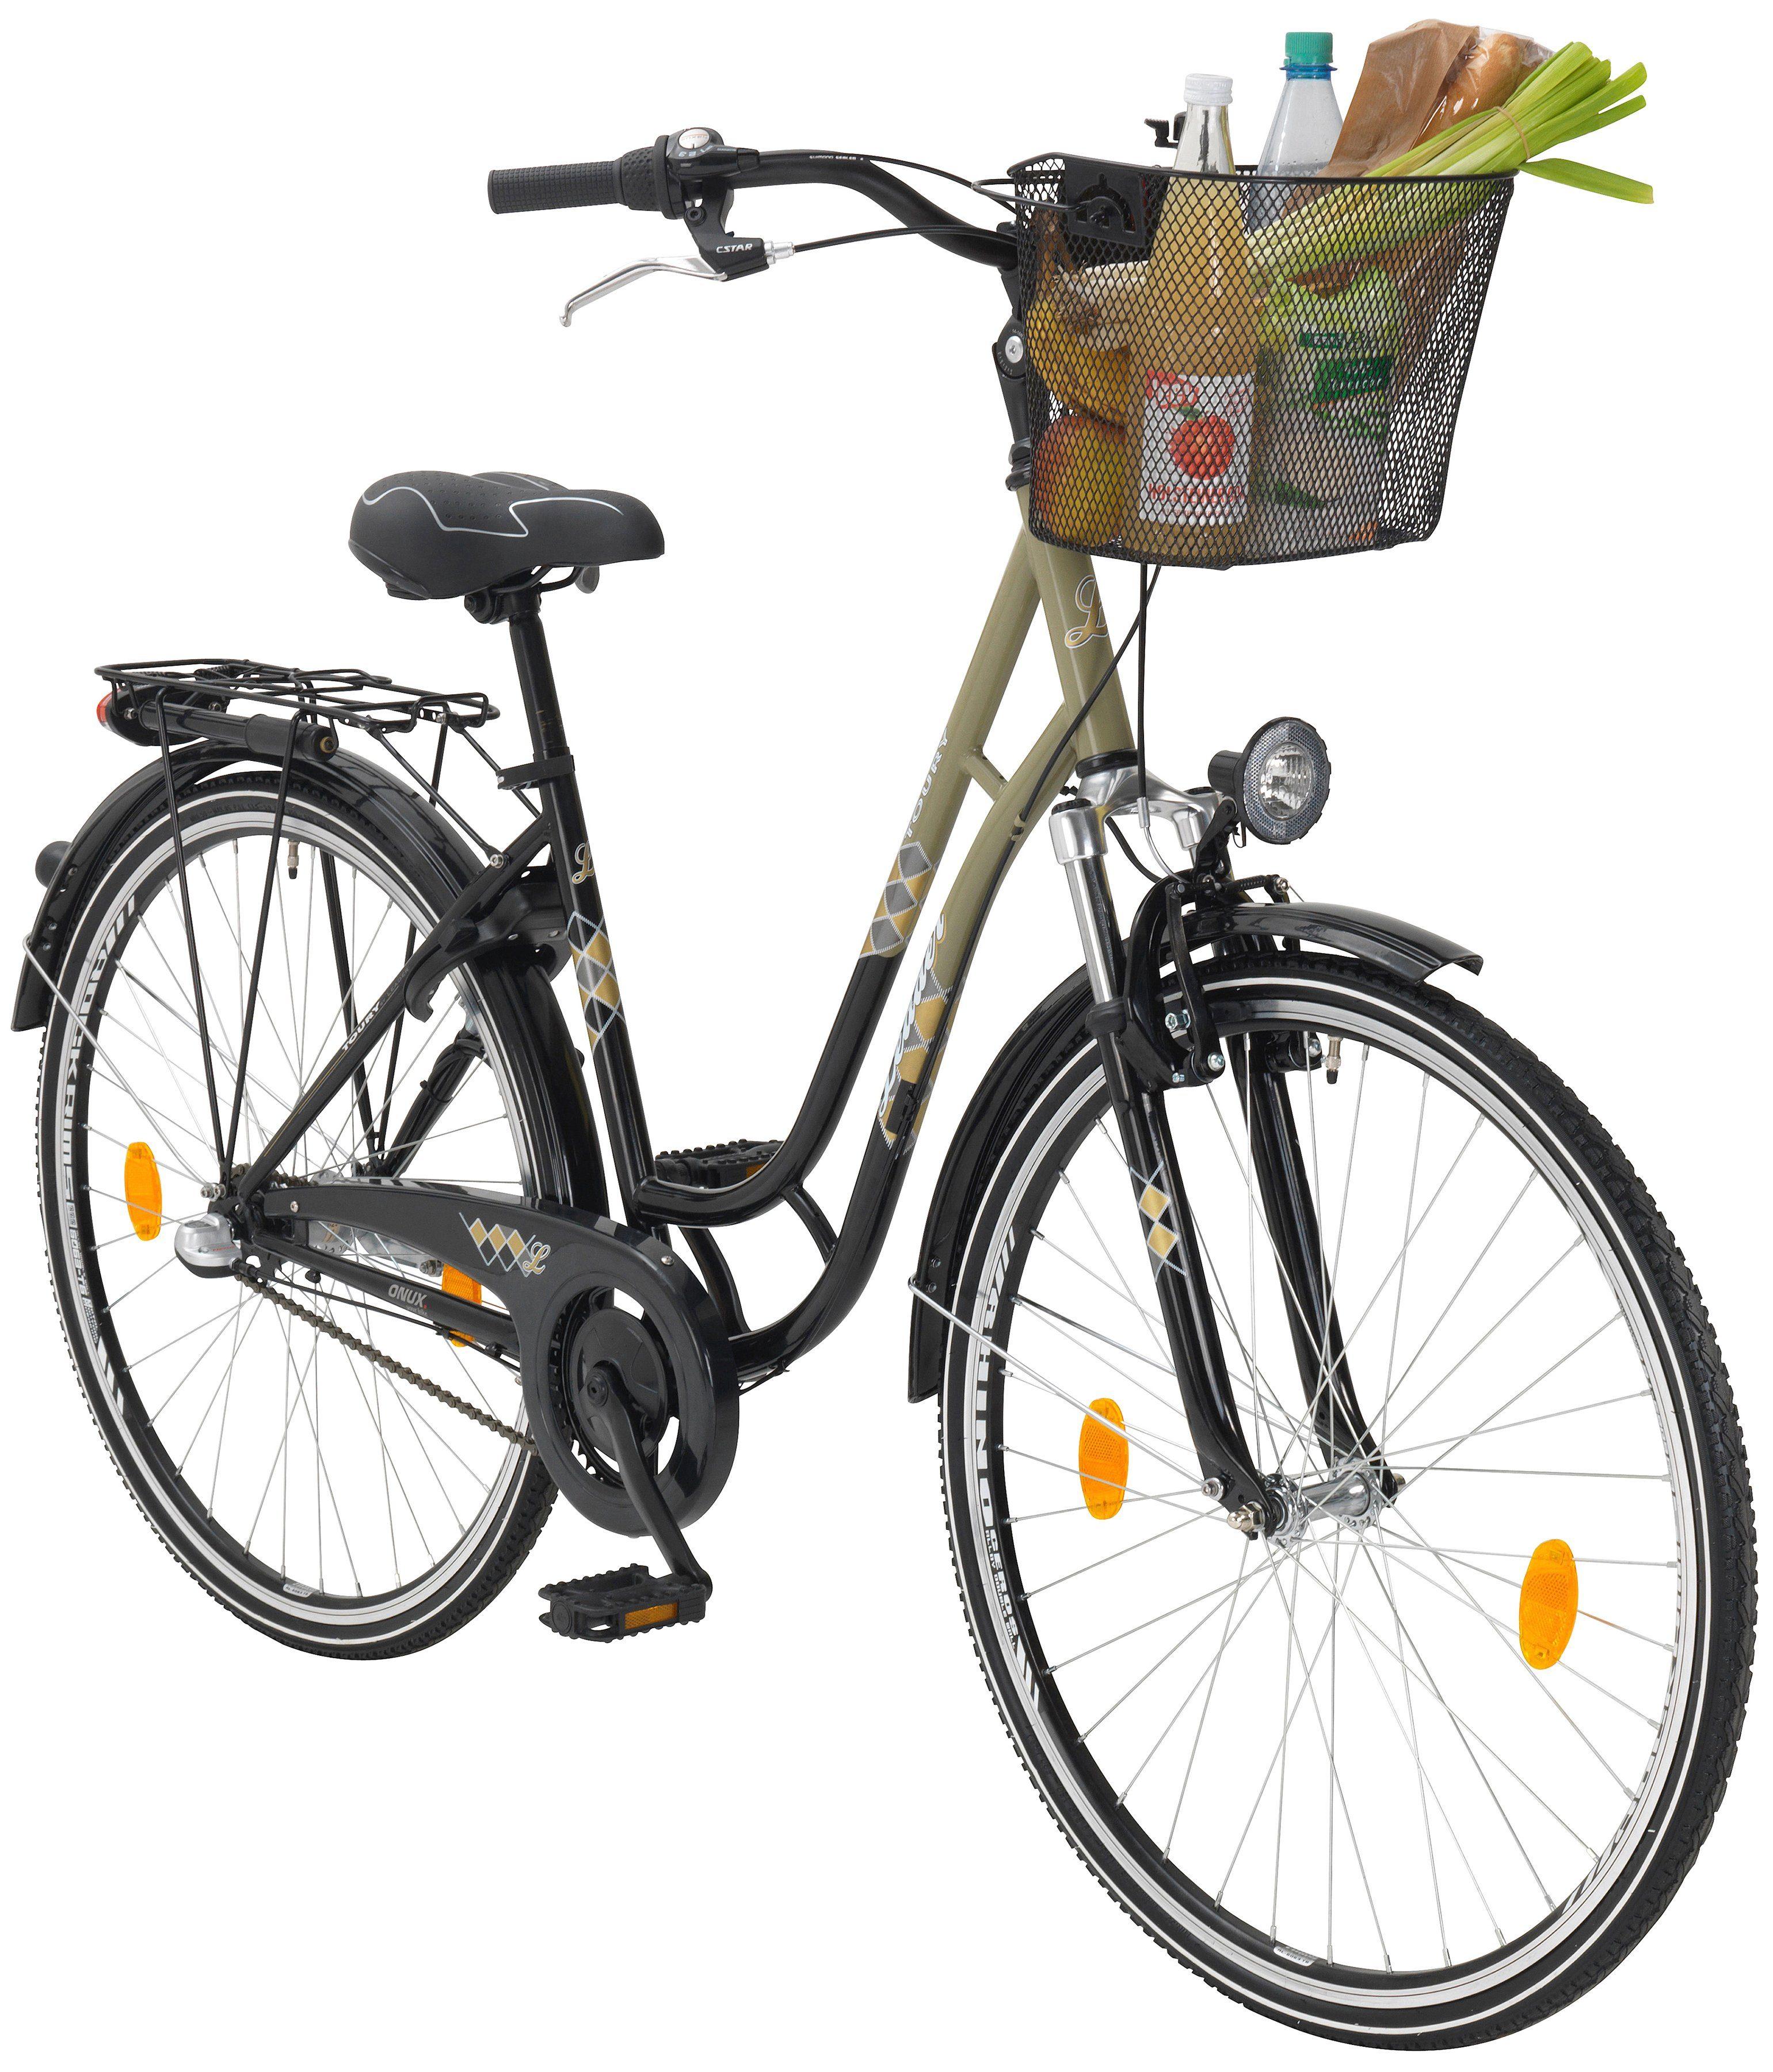 LEADER Citybike Damen »Toury«, 26 Zoll, 3 Gang, Rücktrittbremse